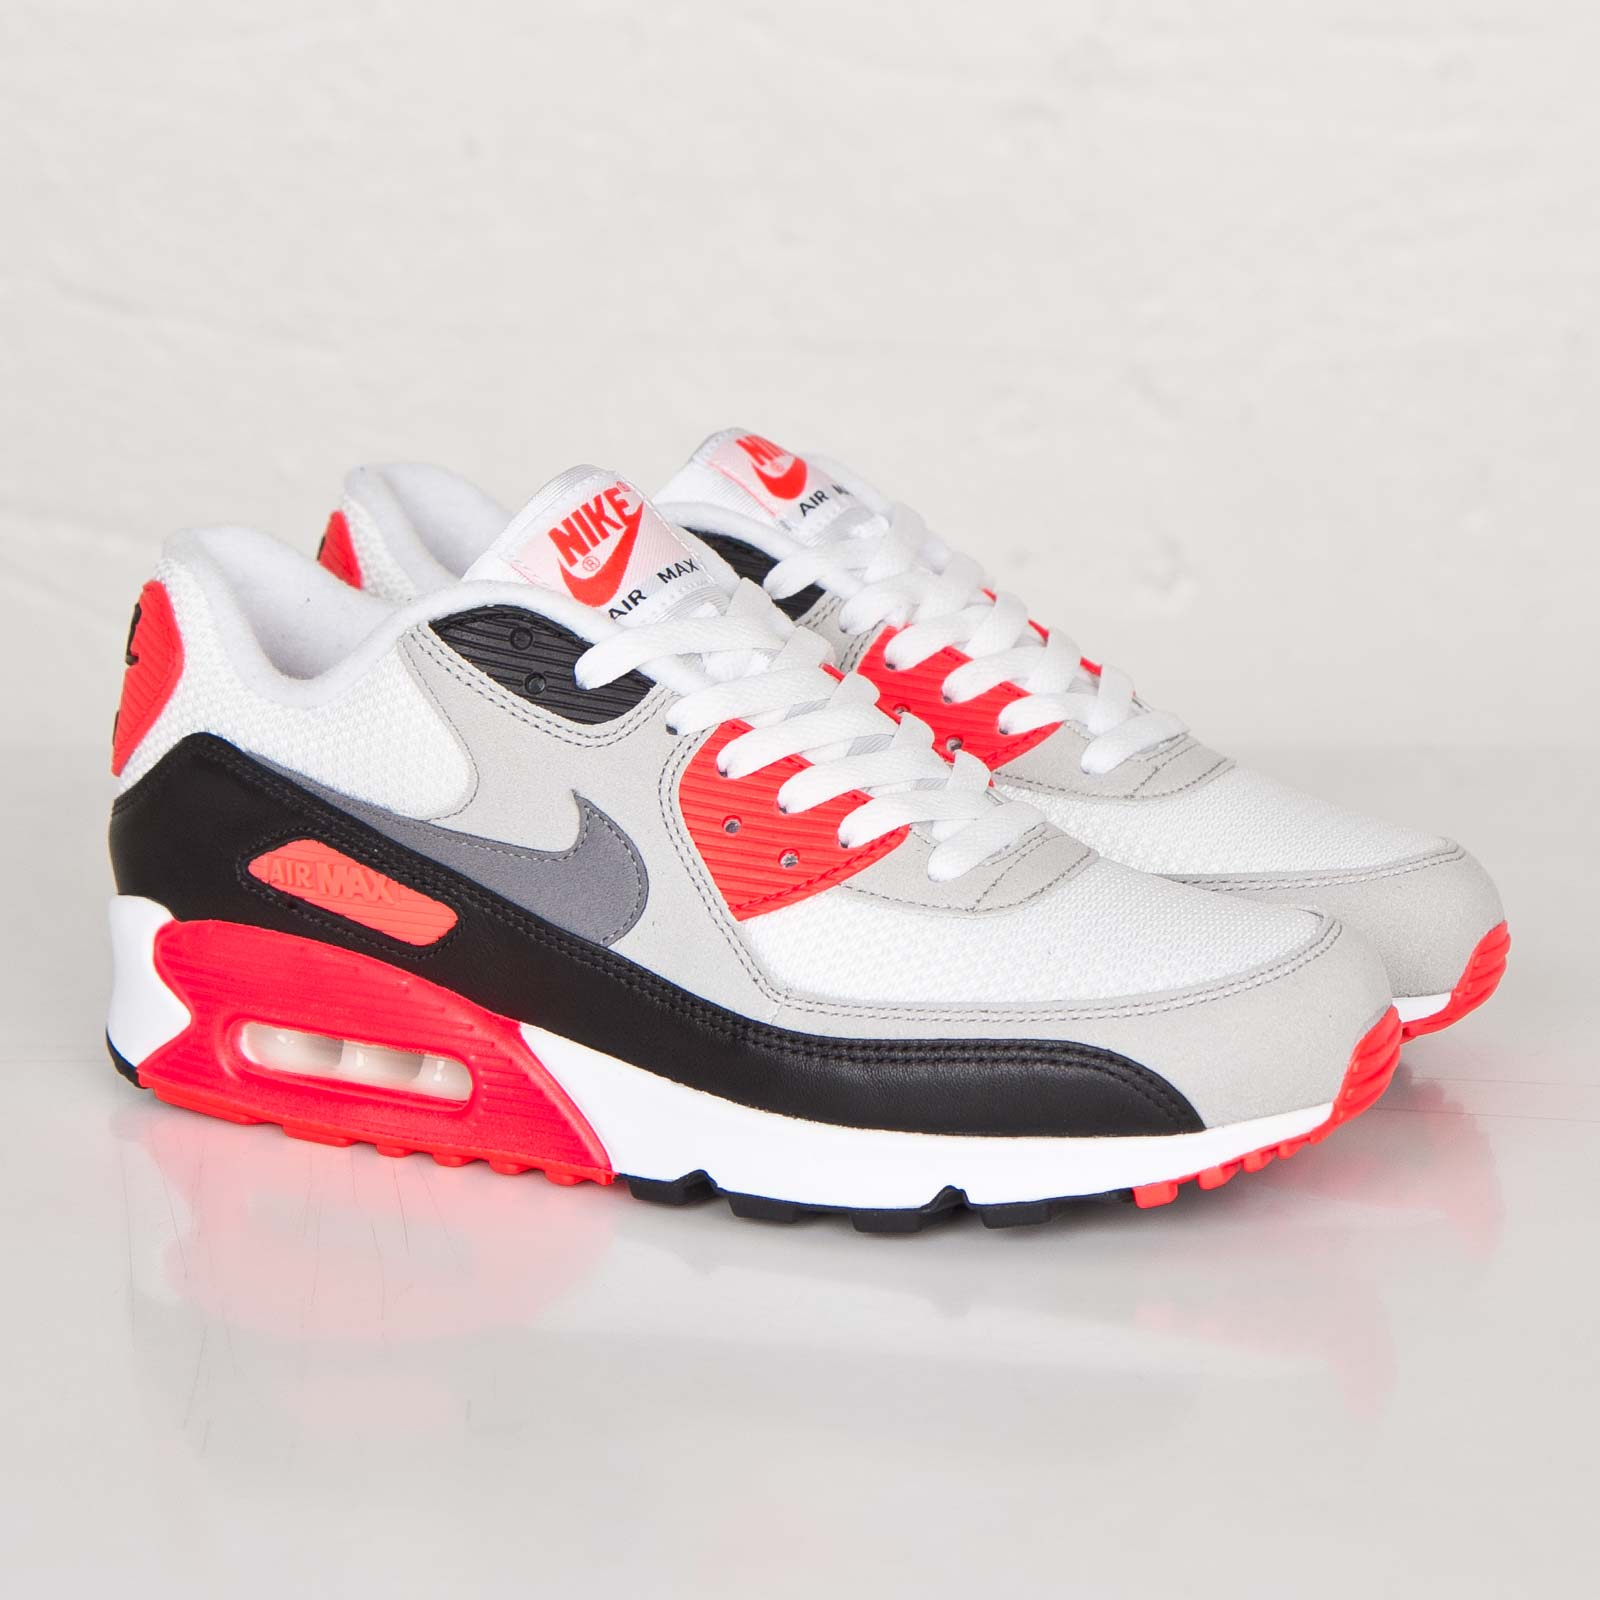 Nike Air Max 90 OG 725233 106 Sneakersnstuff   sneakers